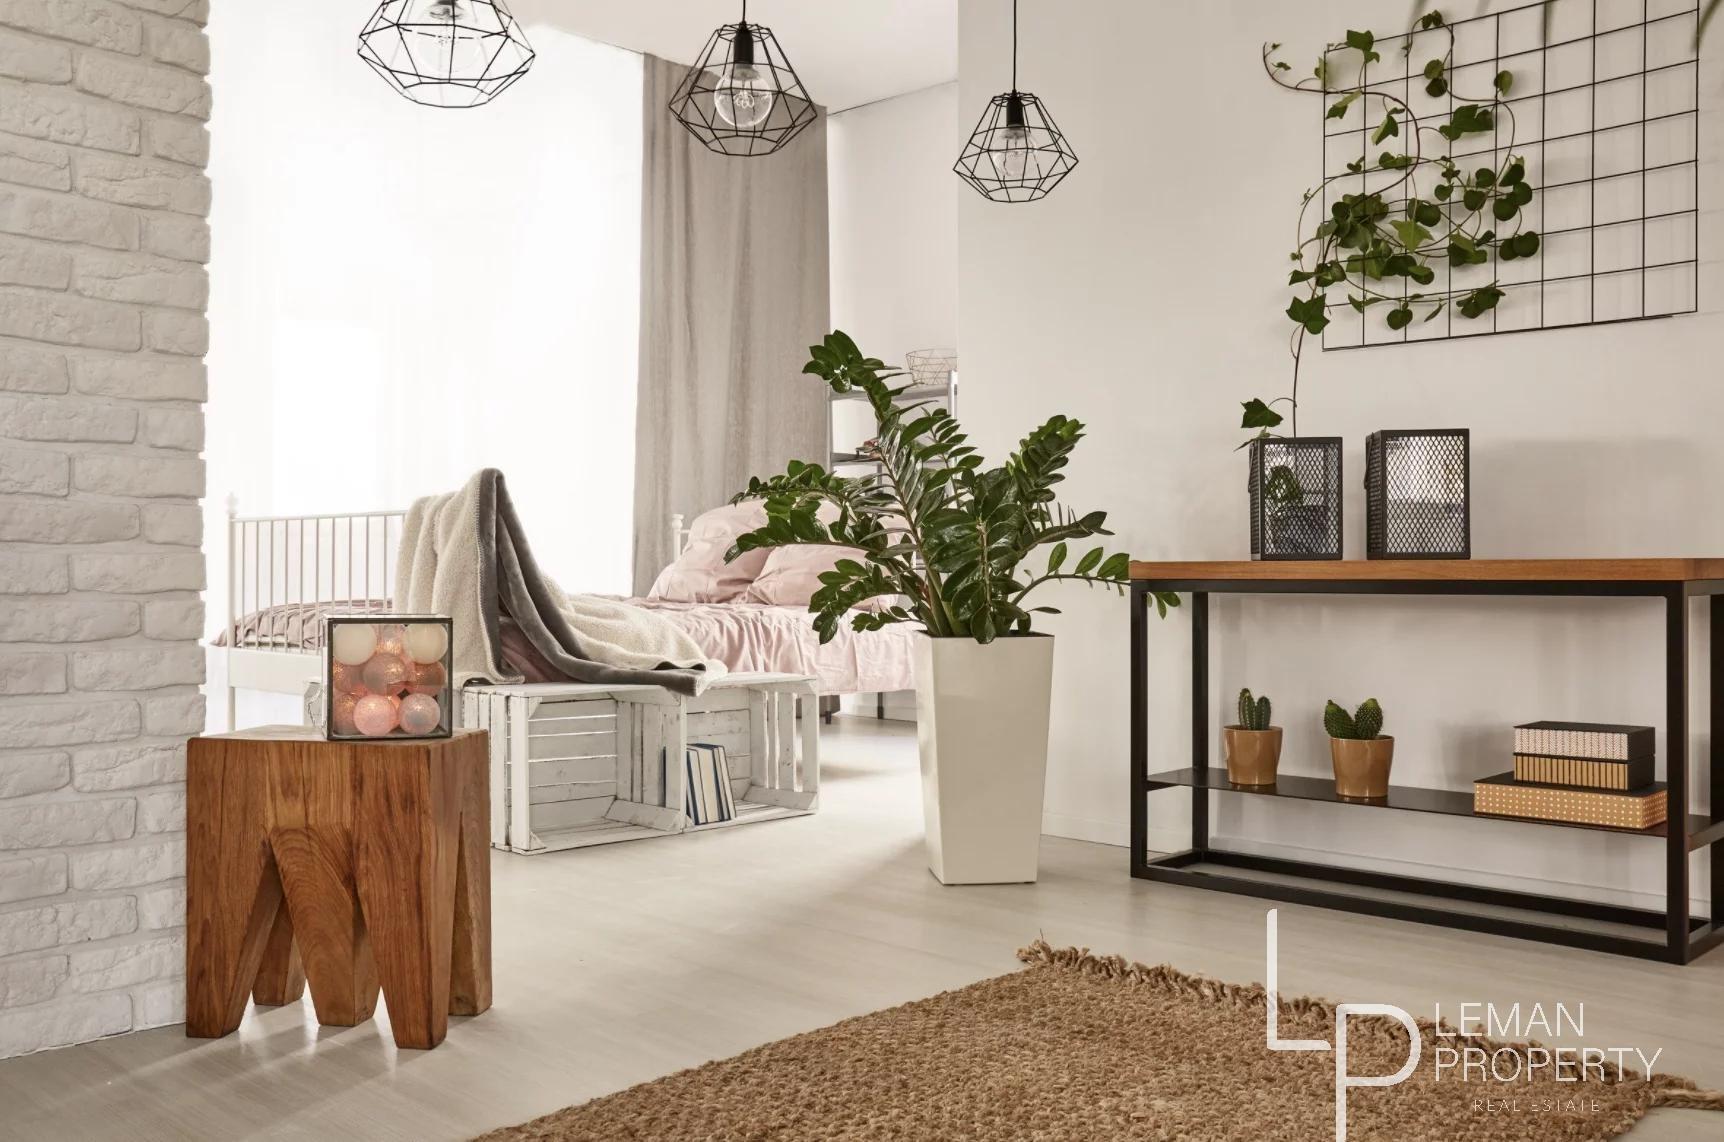 Vente de appartement à Veigy-Foncenex au prix de 344000€